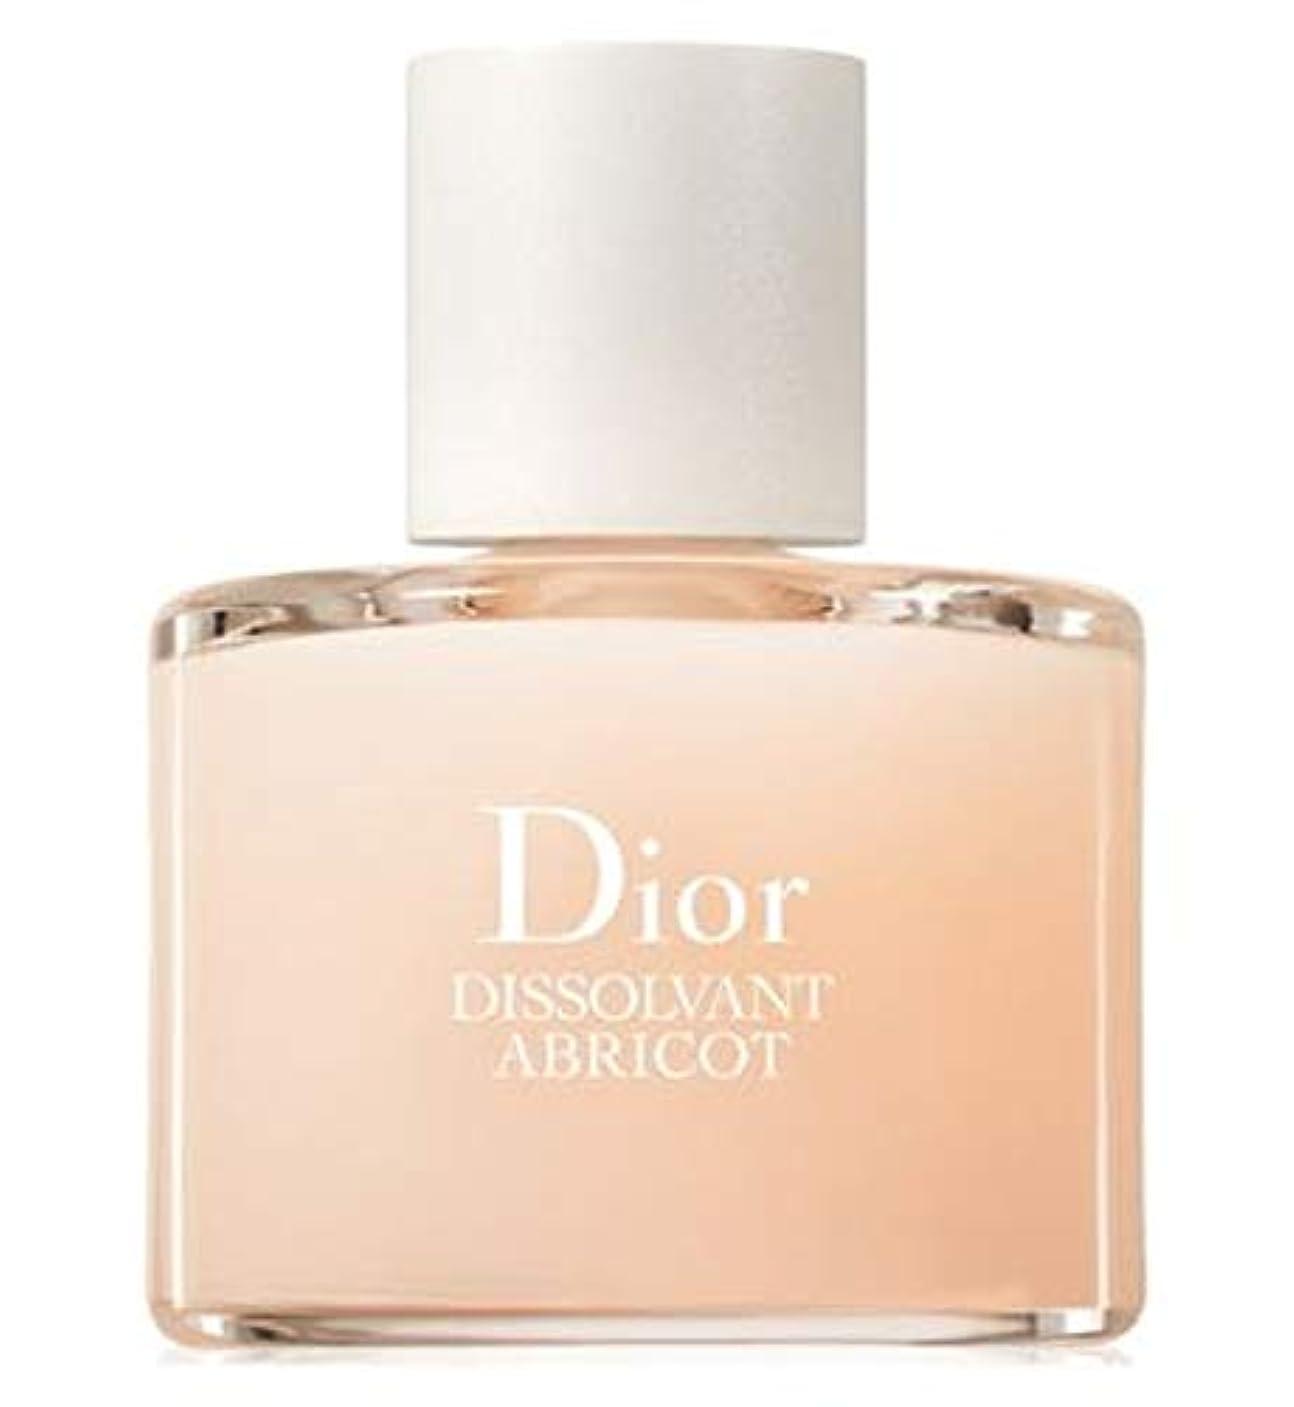 緩めるであること申請者[Dior] Abricotケア濃縮50ミリリットルで穏やかポリッシュリムーバーAbricotディオールDissolvant - Dior Dissolvant Abricot Gentle Polish Remover...